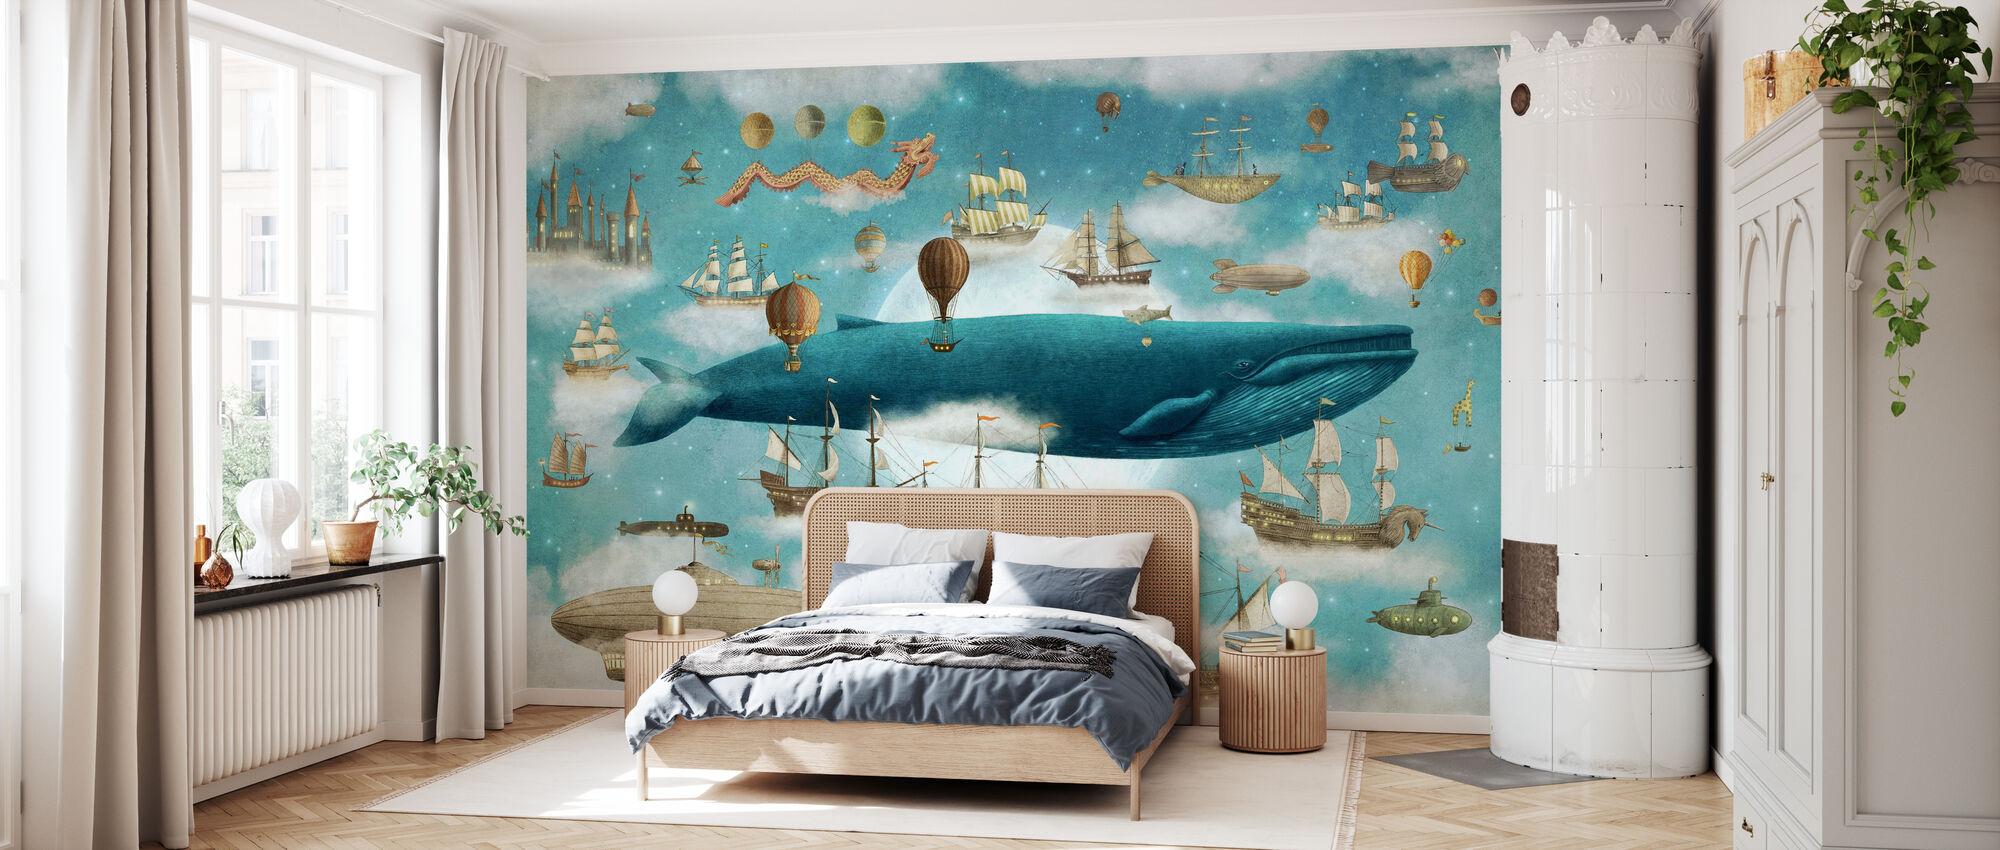 Ocean Meets Sky Cover - Wallpaper - Bedroom